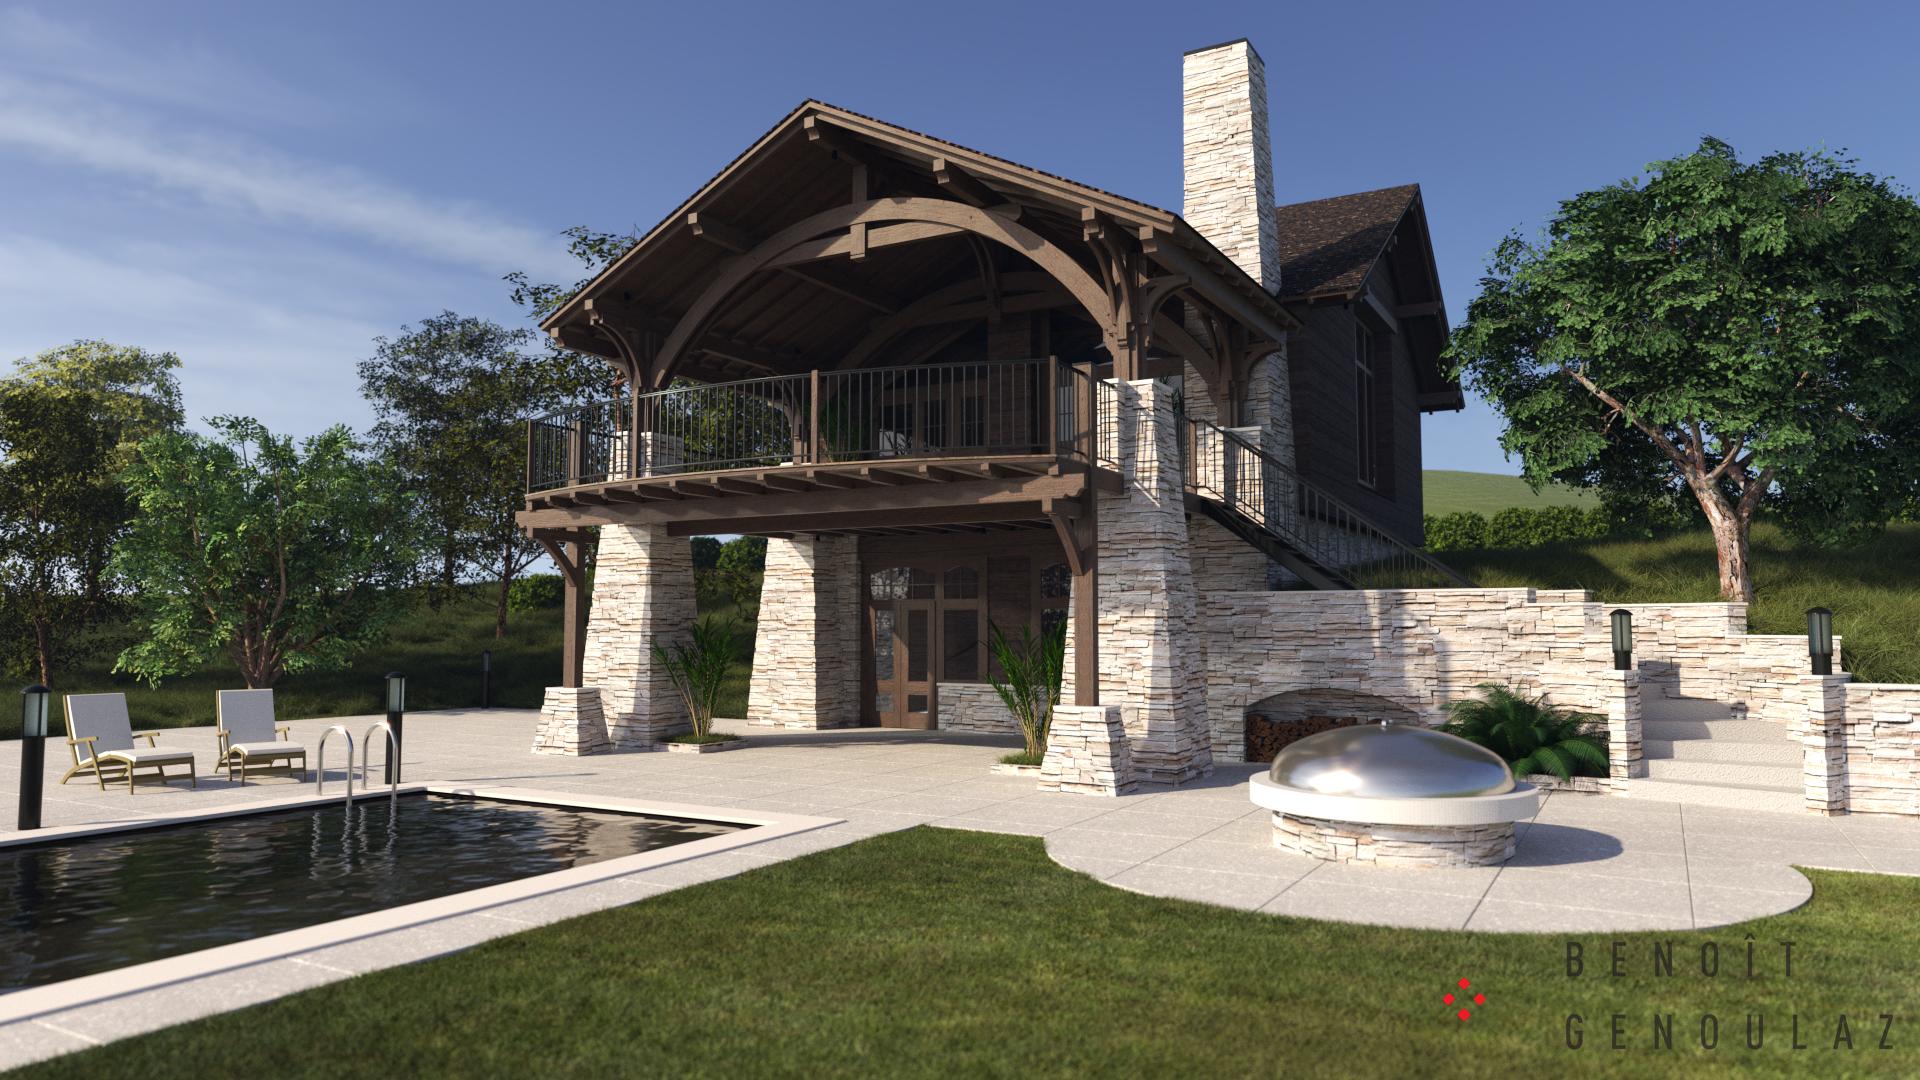 Chalet pierre et bois, terrasse, piscine, BBQ. Rendu photo réaliste de jour. Visualisation Projet Immobilier. Charpente apparente.